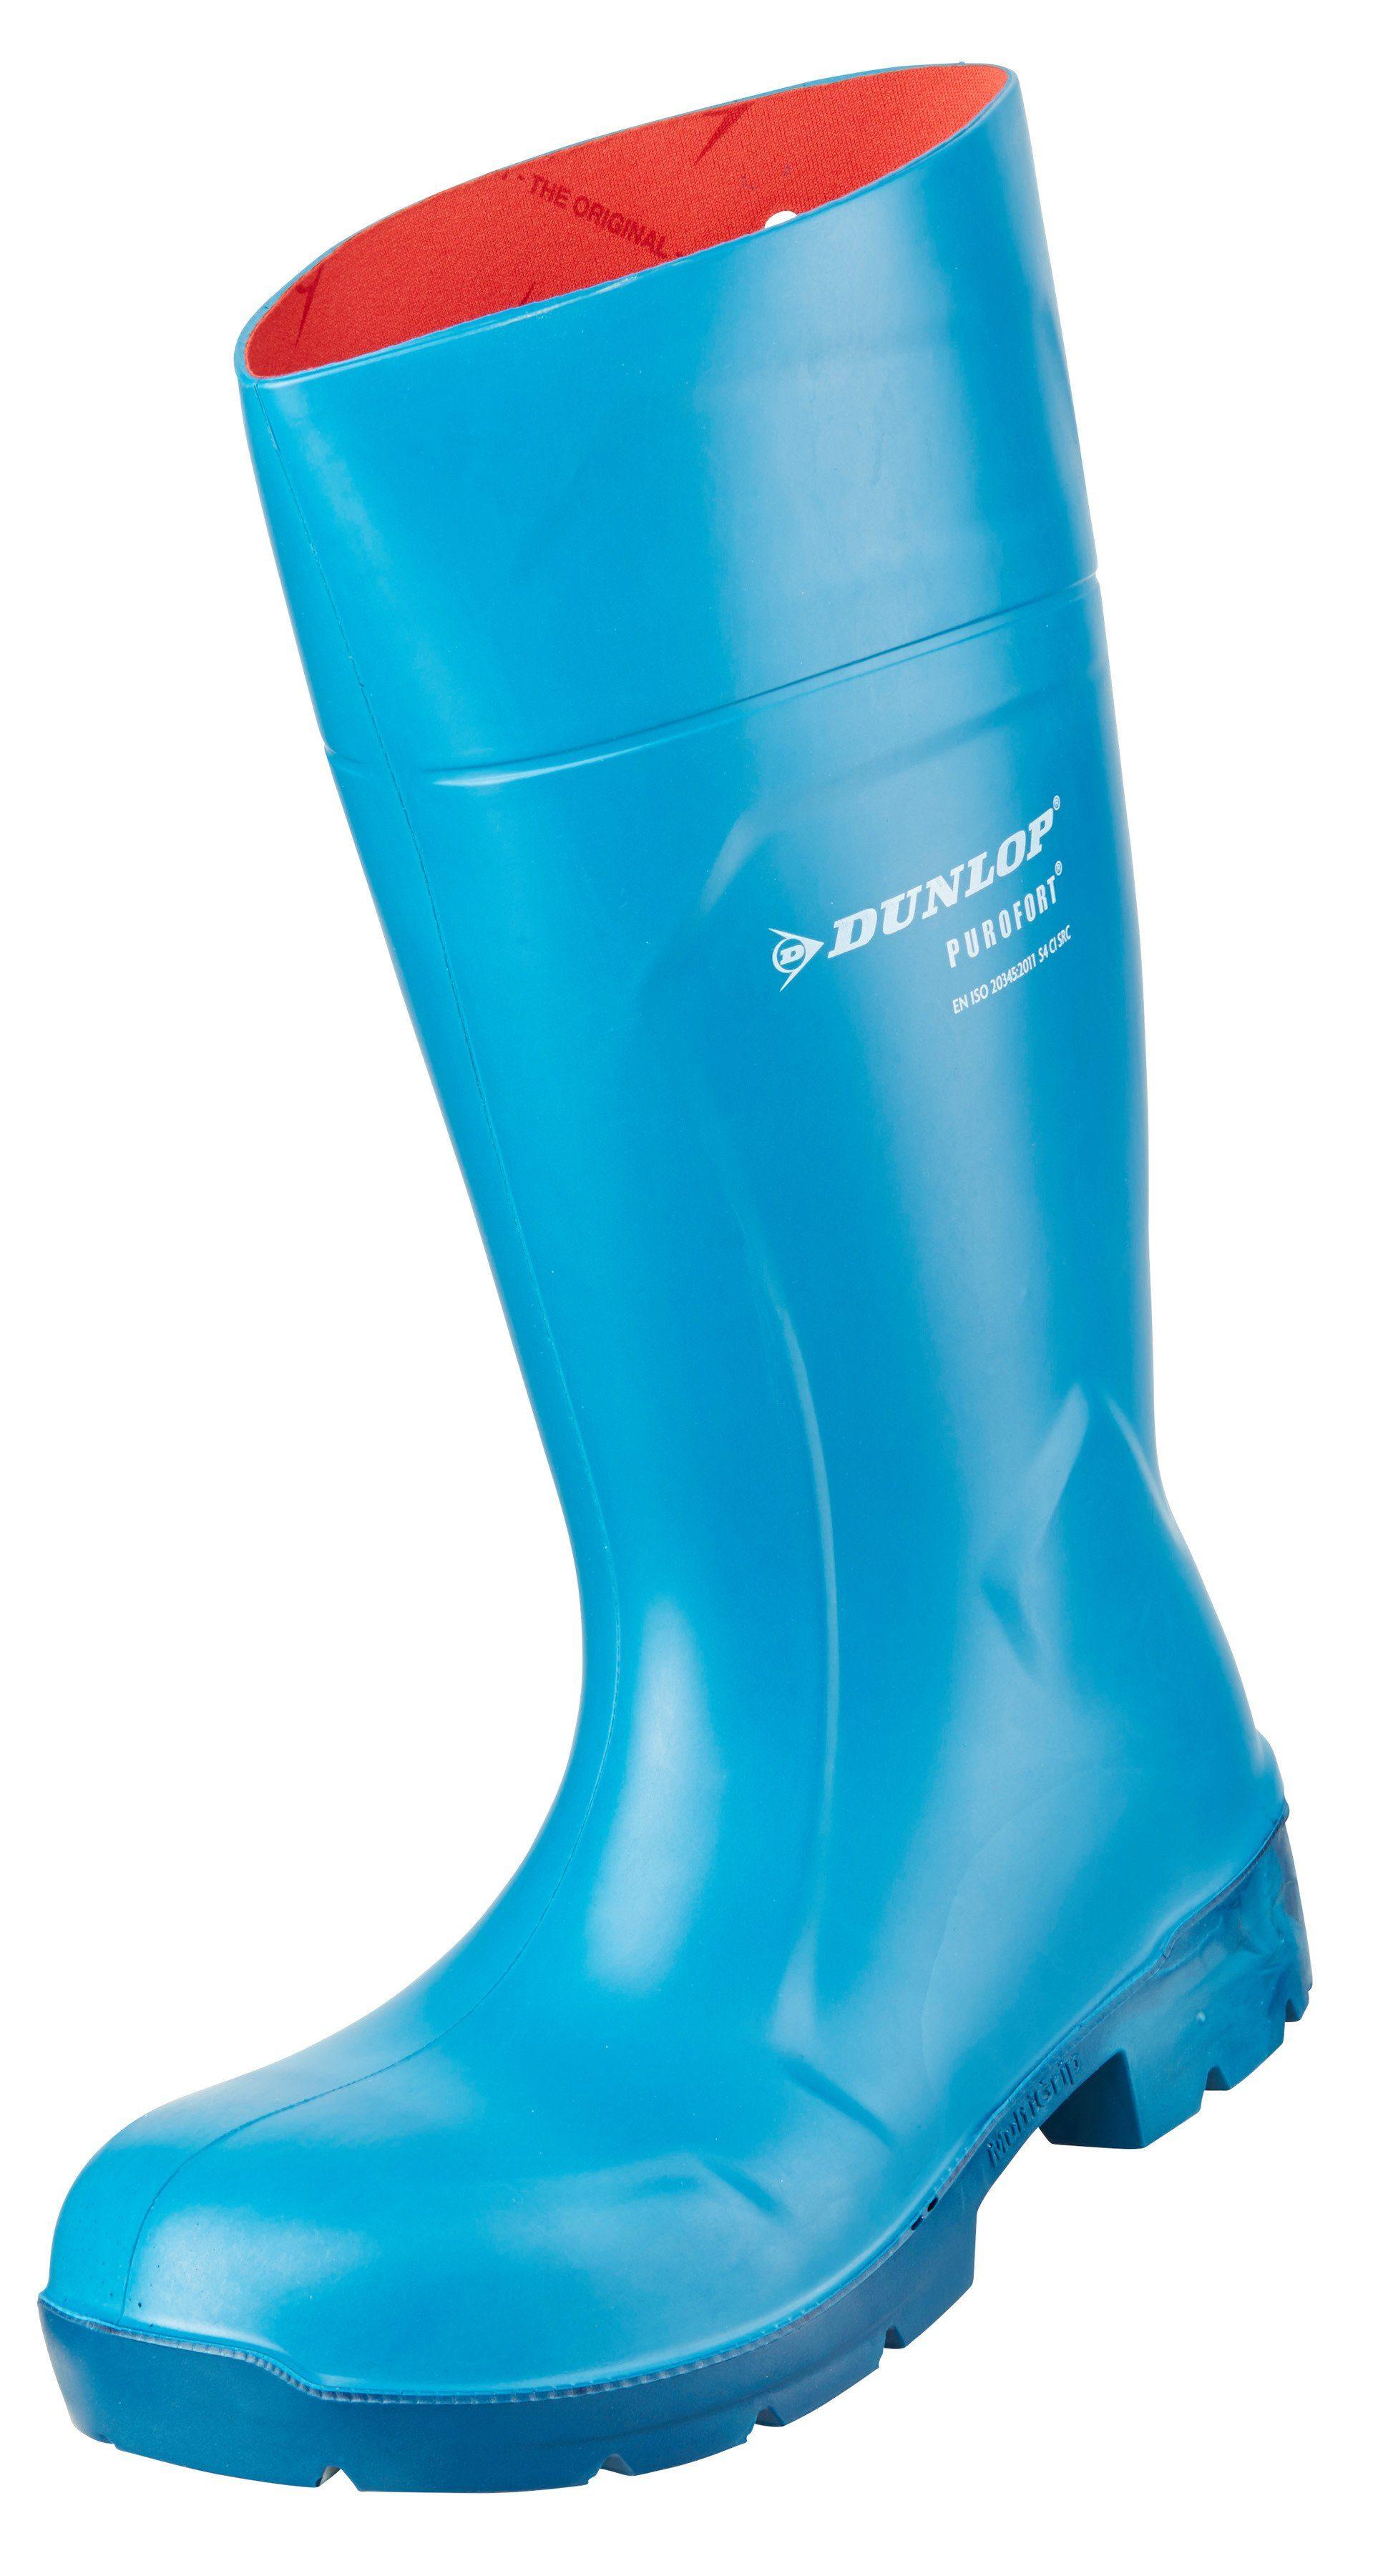 Dunlop Gummistiefel Purofort online kaufen  blau